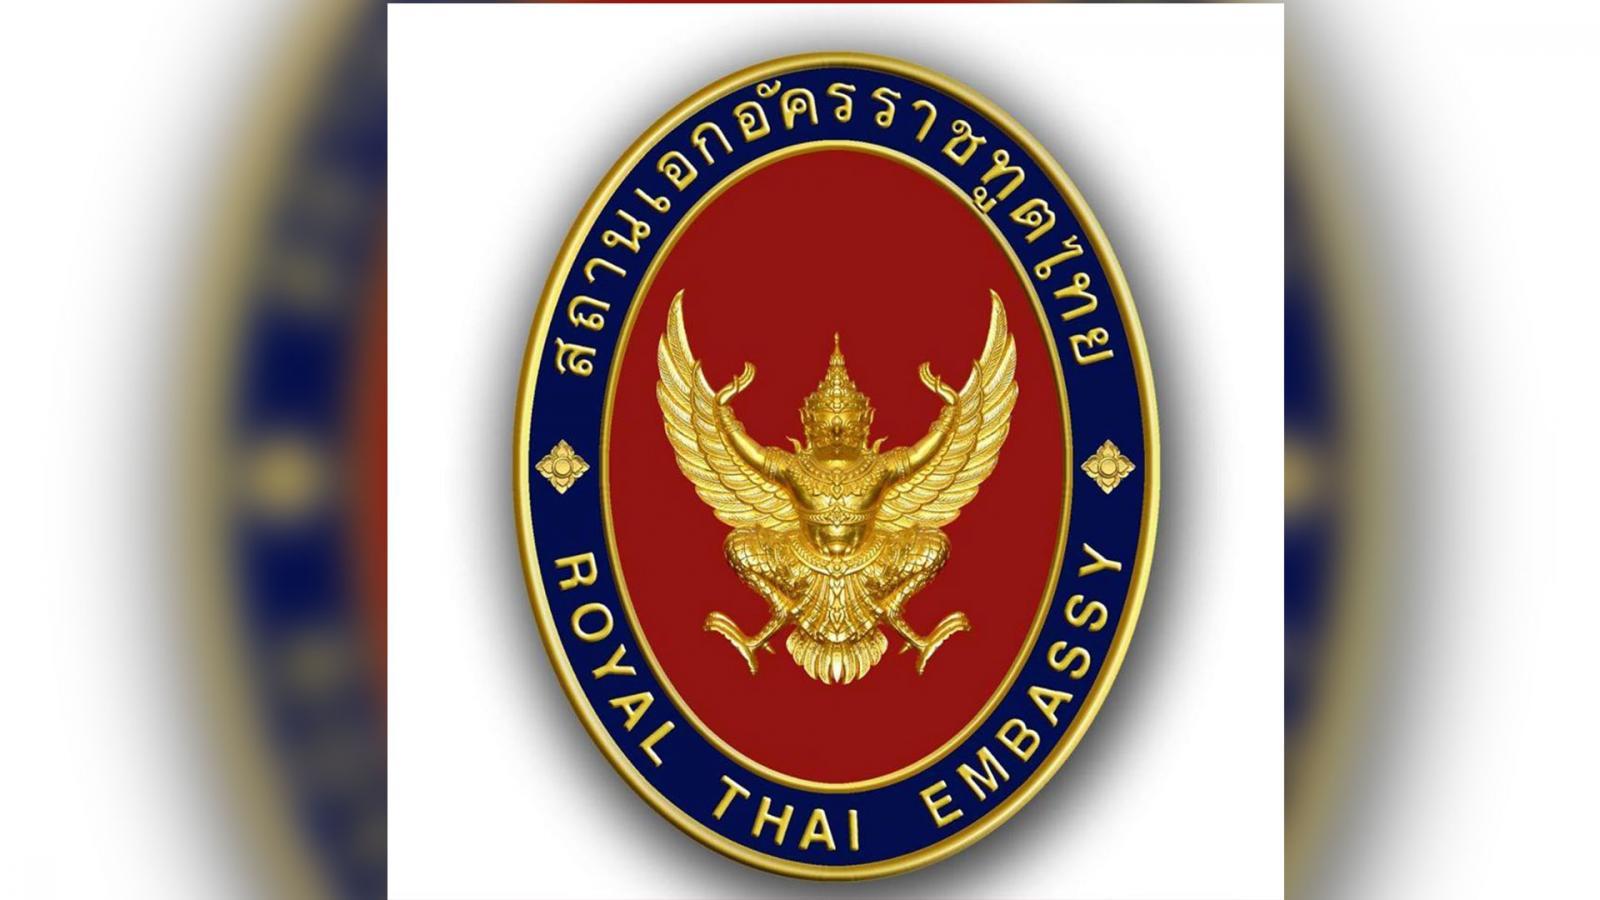 เตือน! คนไทยในศรีลังกา เลี่ยงไปสถานที่สำคัญทางศาสนา 26-28 เม.ย.นี้